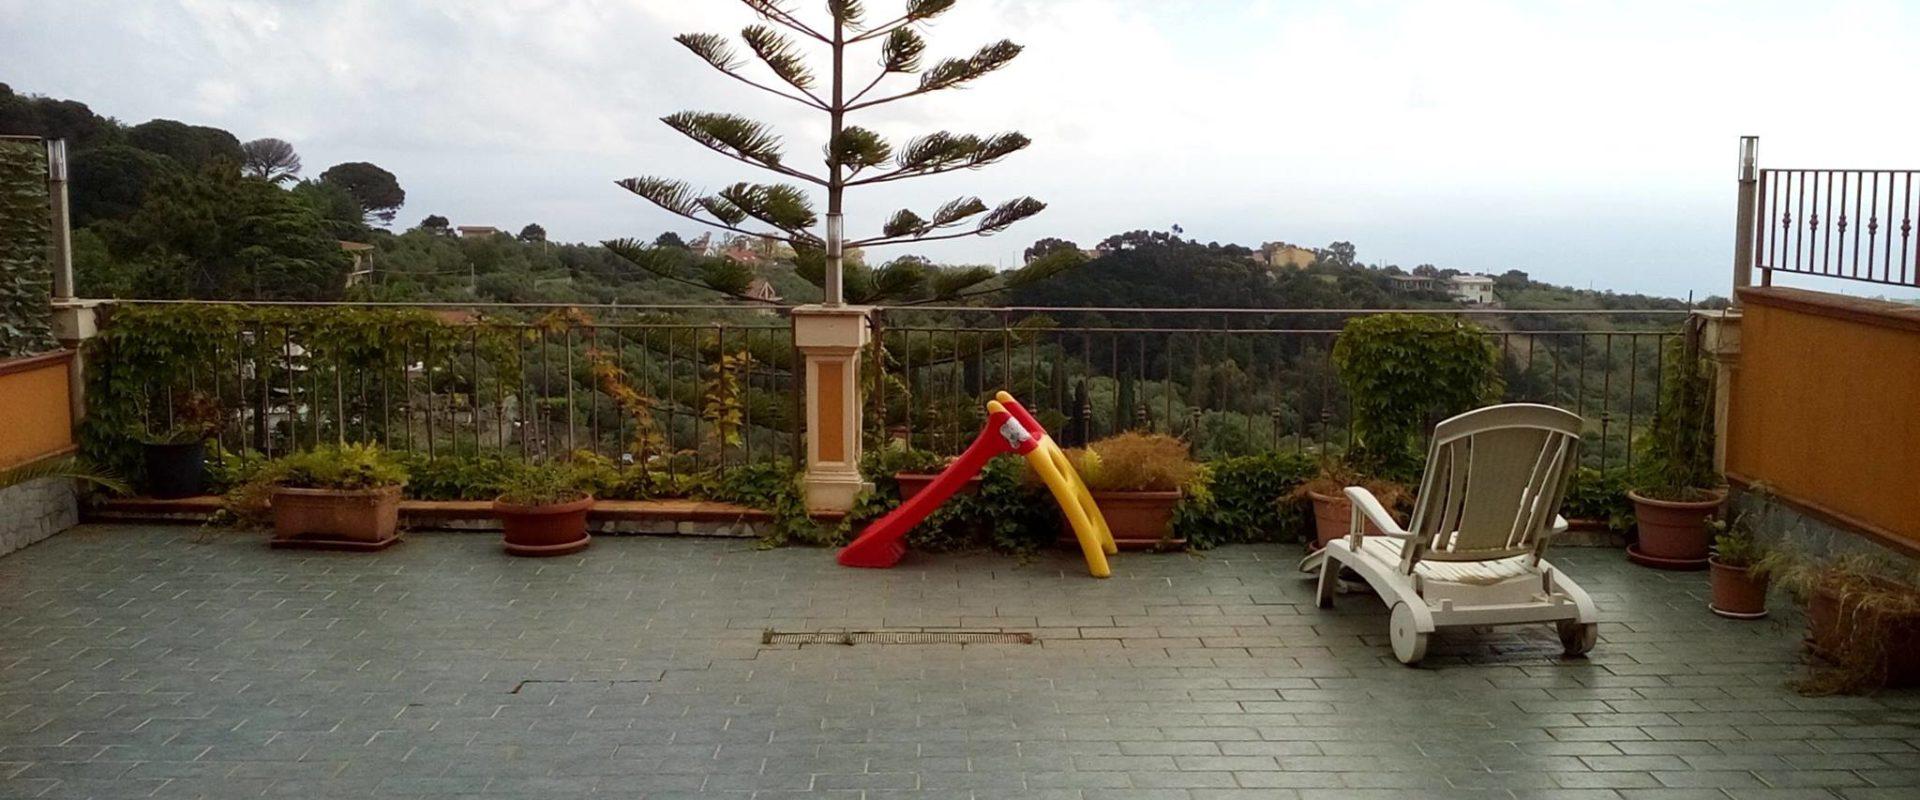 Villa a schiera super accessoriata in vendita pressi Curcuraci